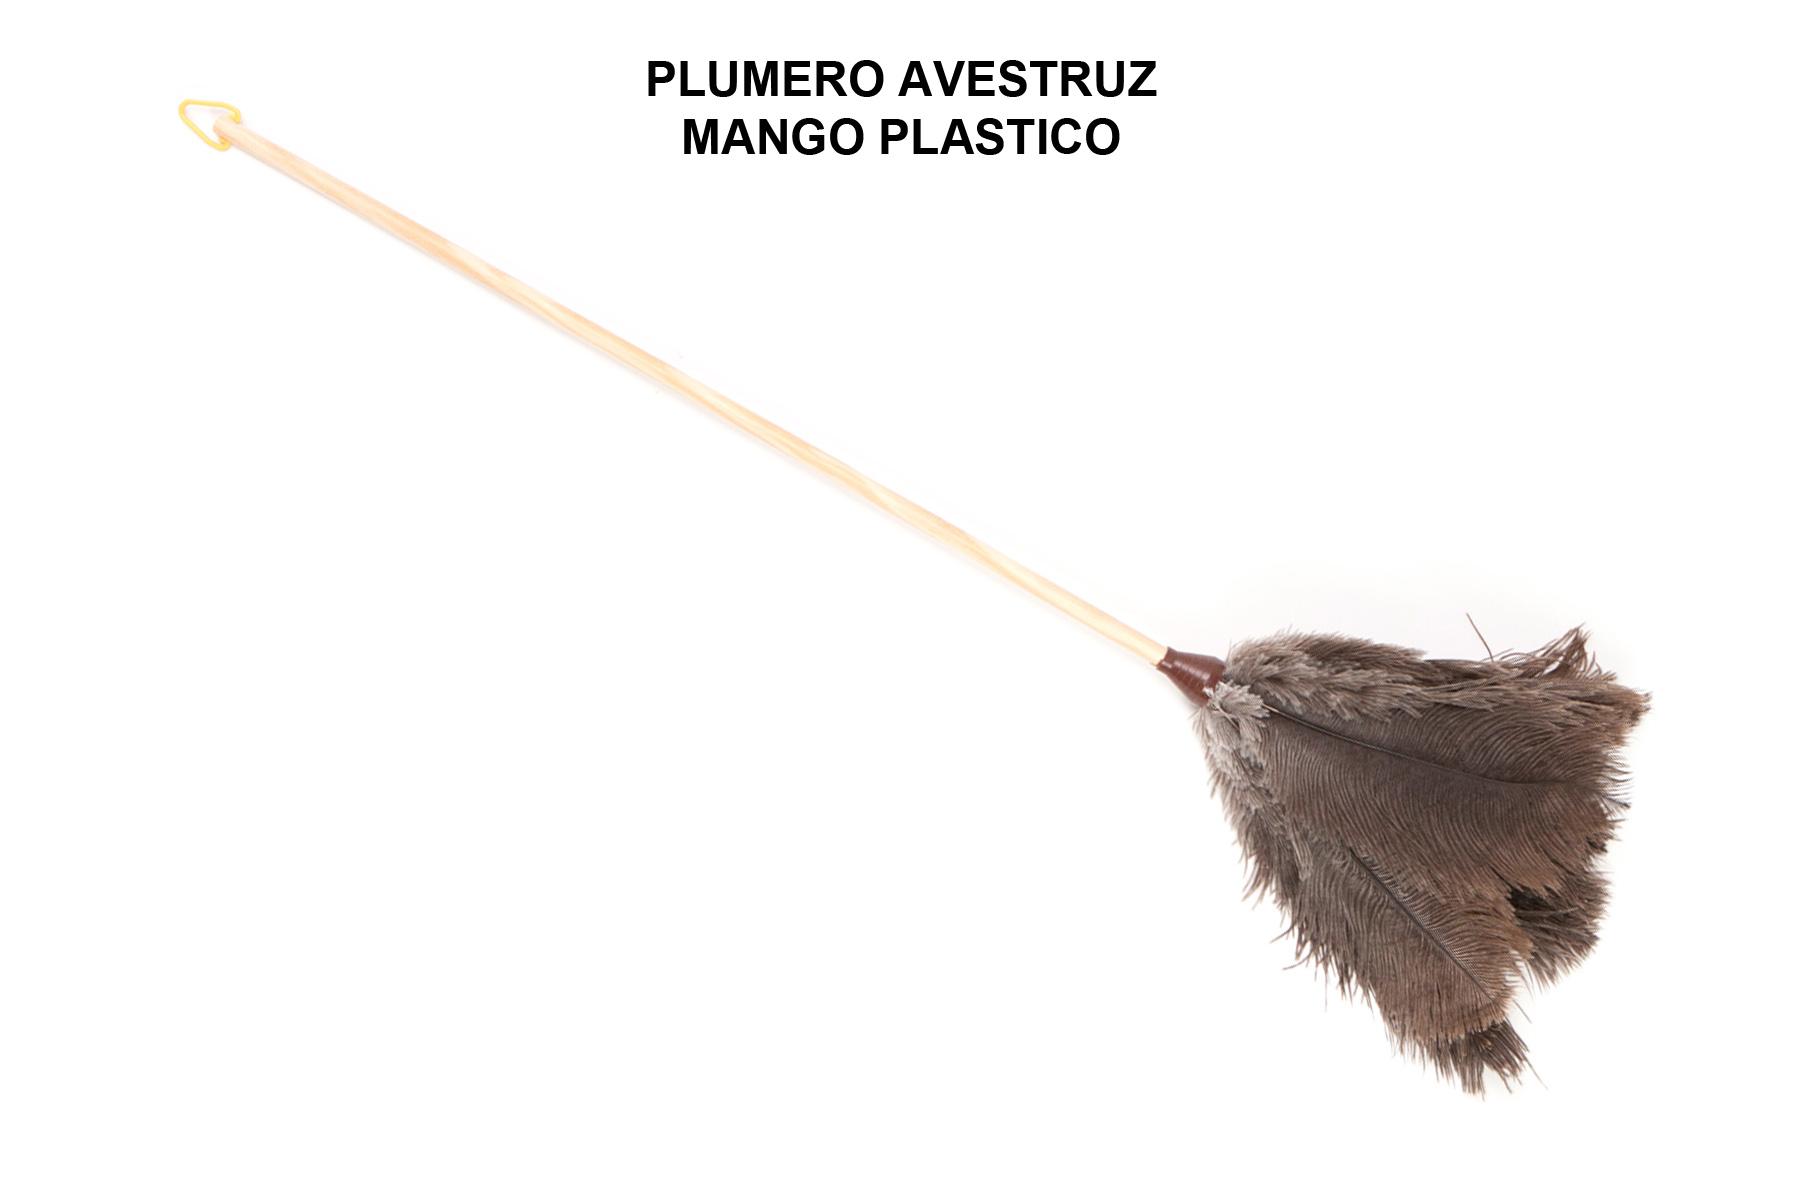 PLUMERO AVESTRUZ MANGO PLASTICO